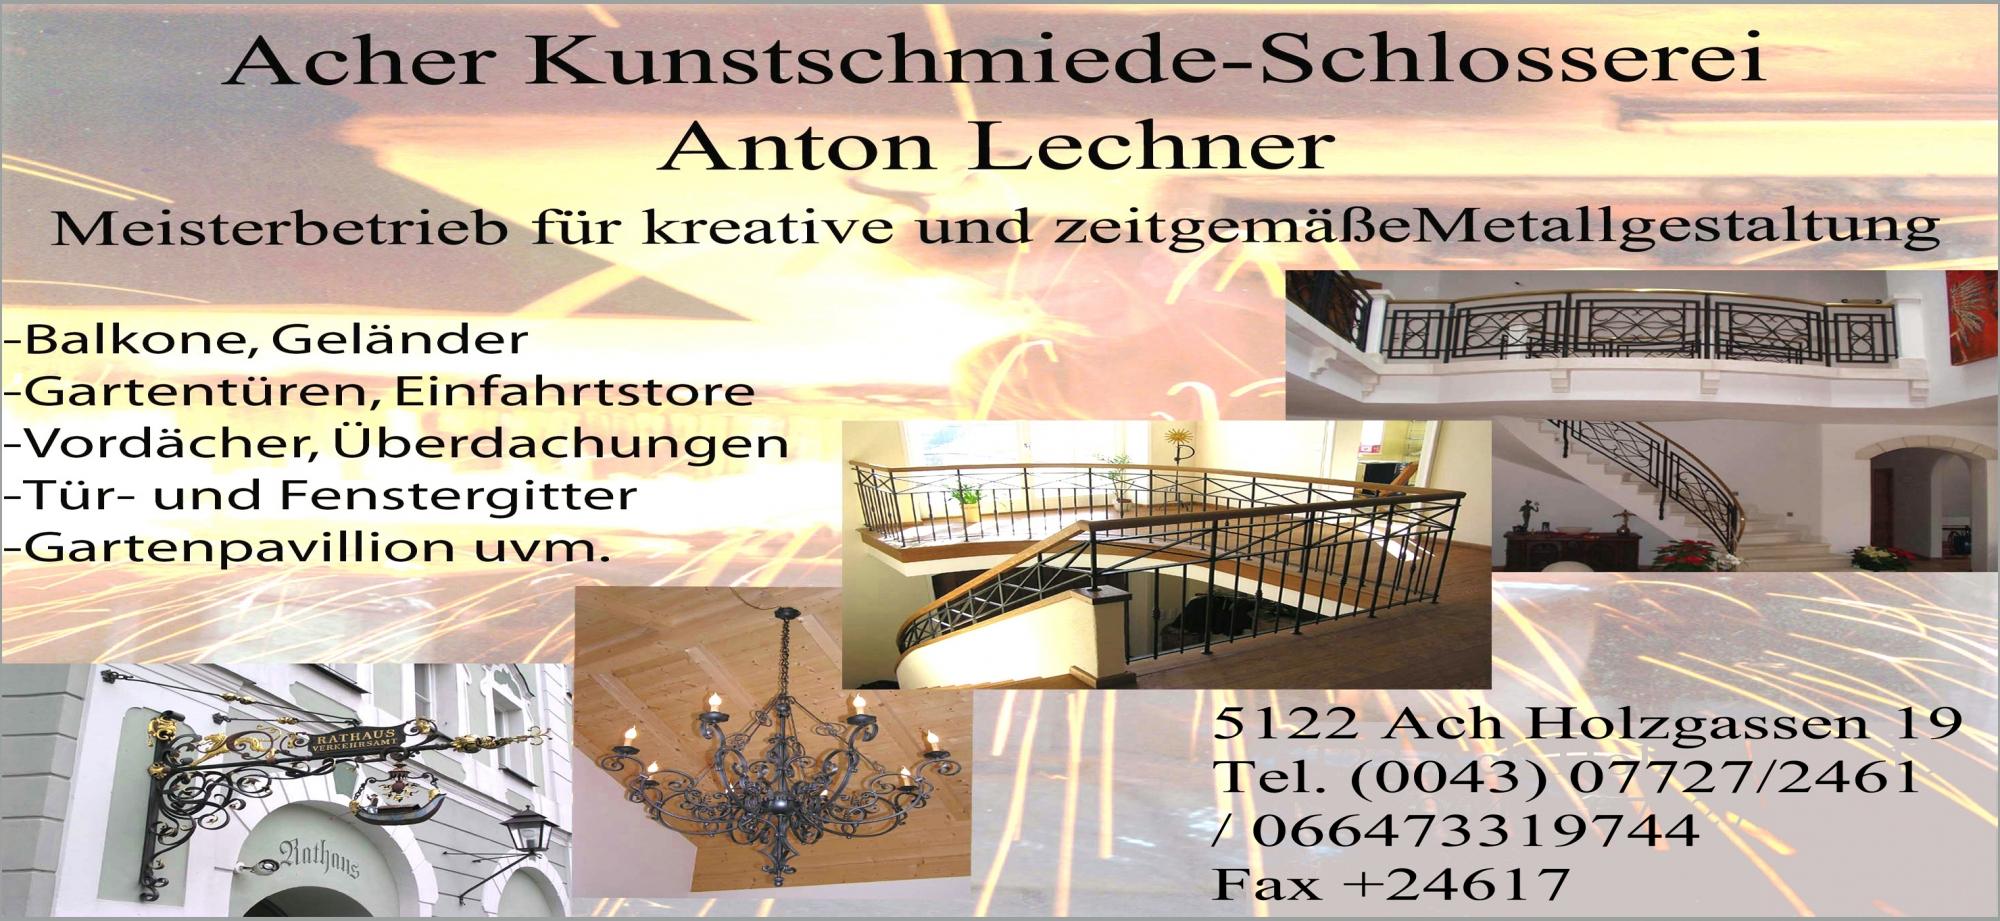 Acher Kunstschmiede - Schlosserei Anton Lechner